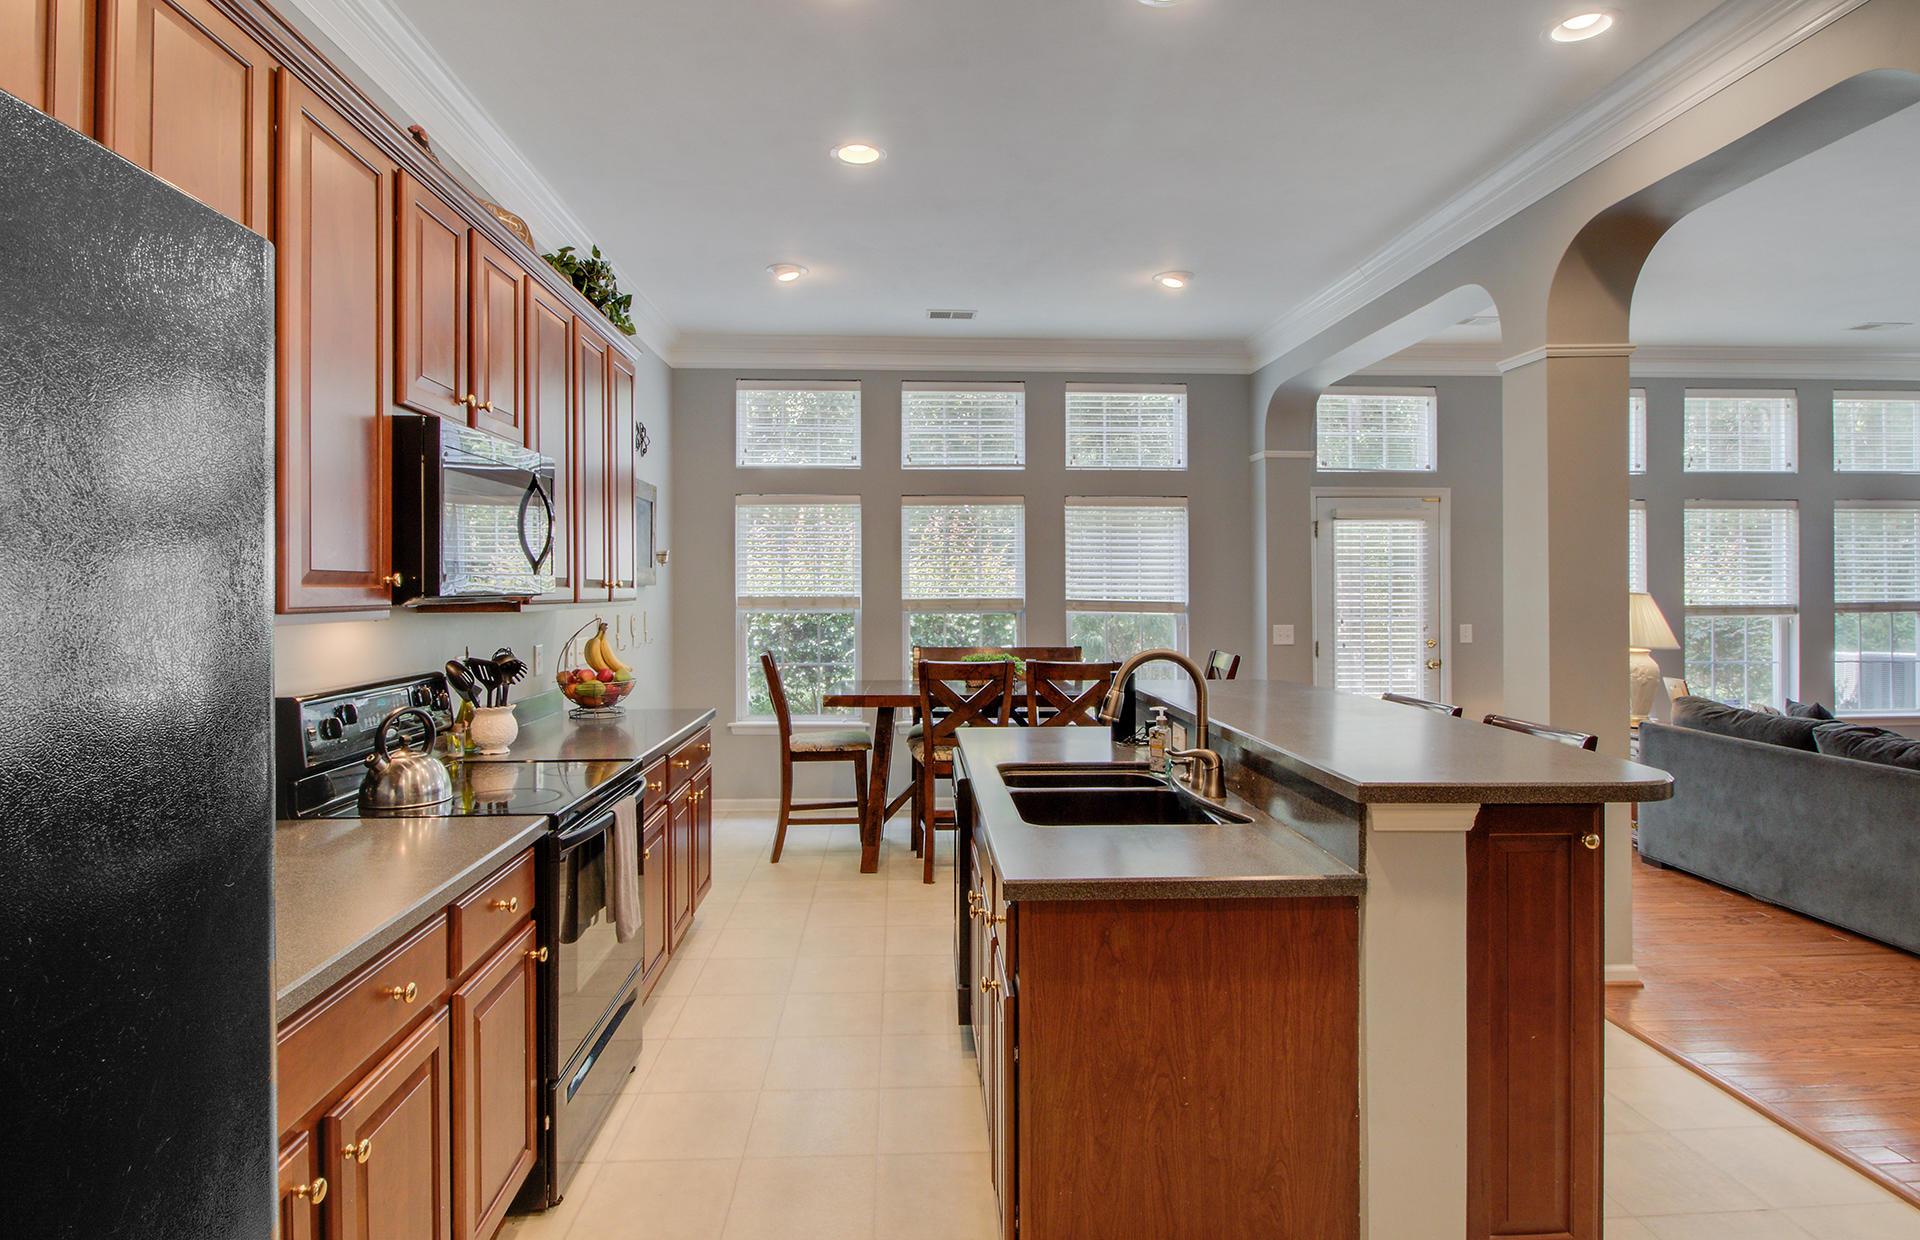 Park West Homes For Sale - 2500 Draymohr, Mount Pleasant, SC - 31